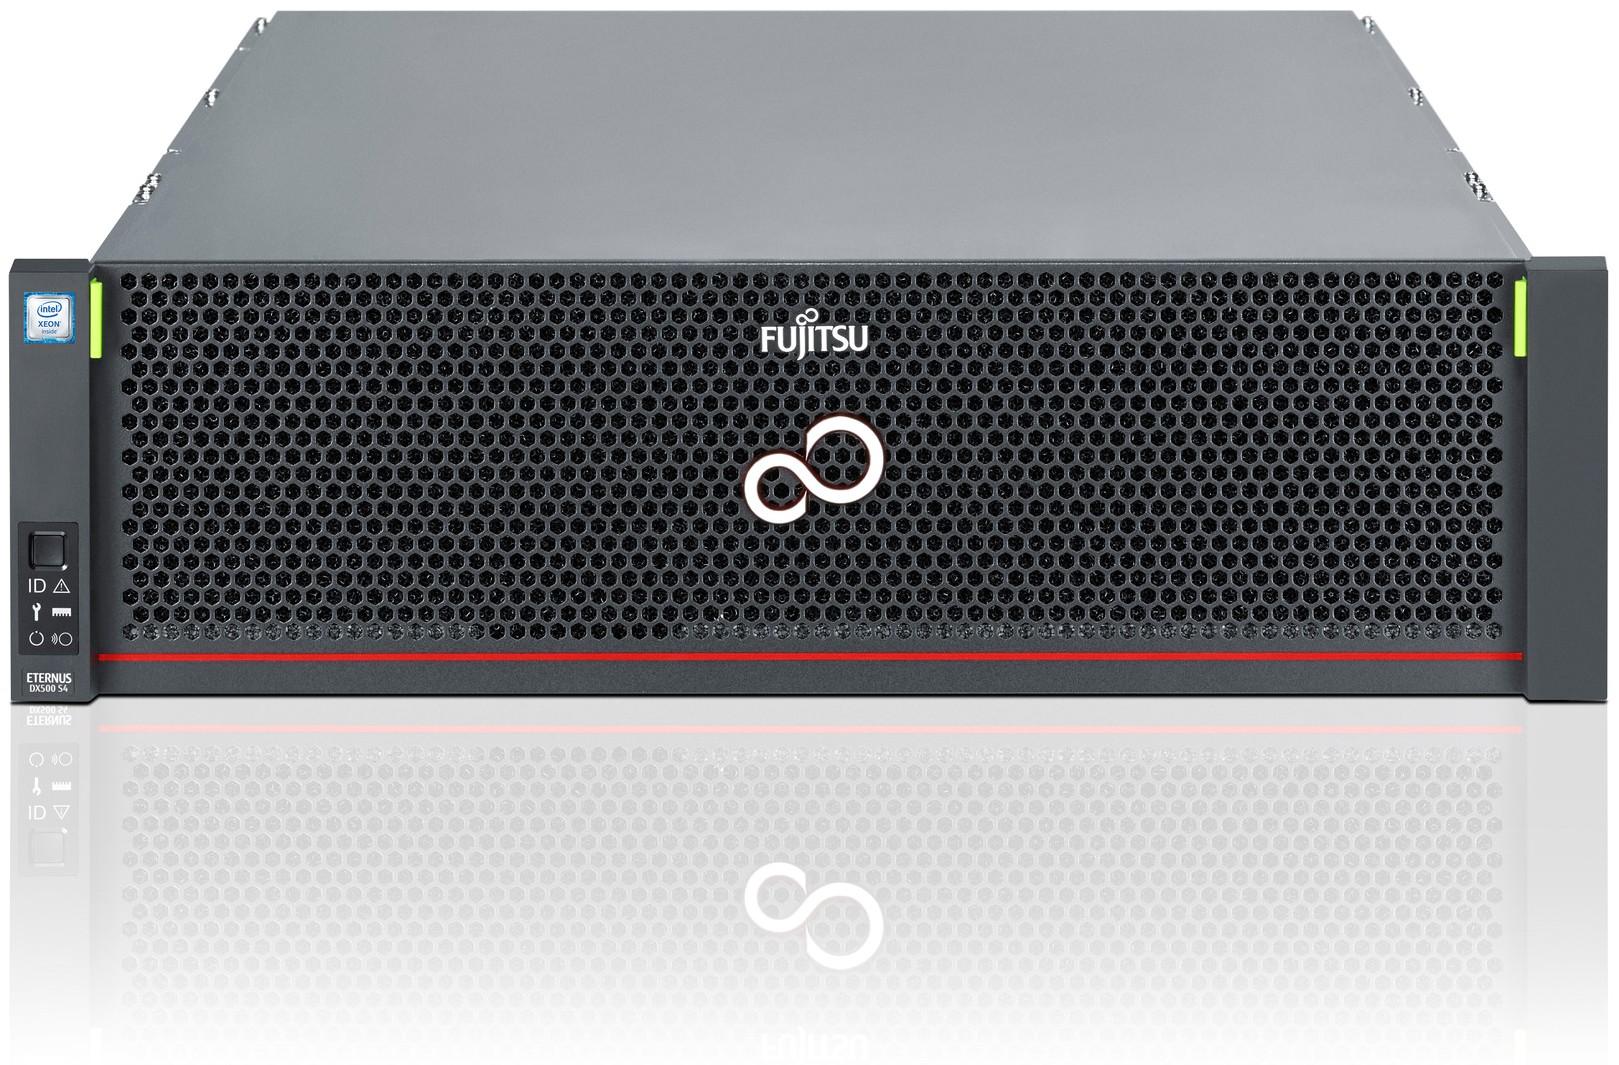 Fujitsu ETERNUS DX600 S4 Front